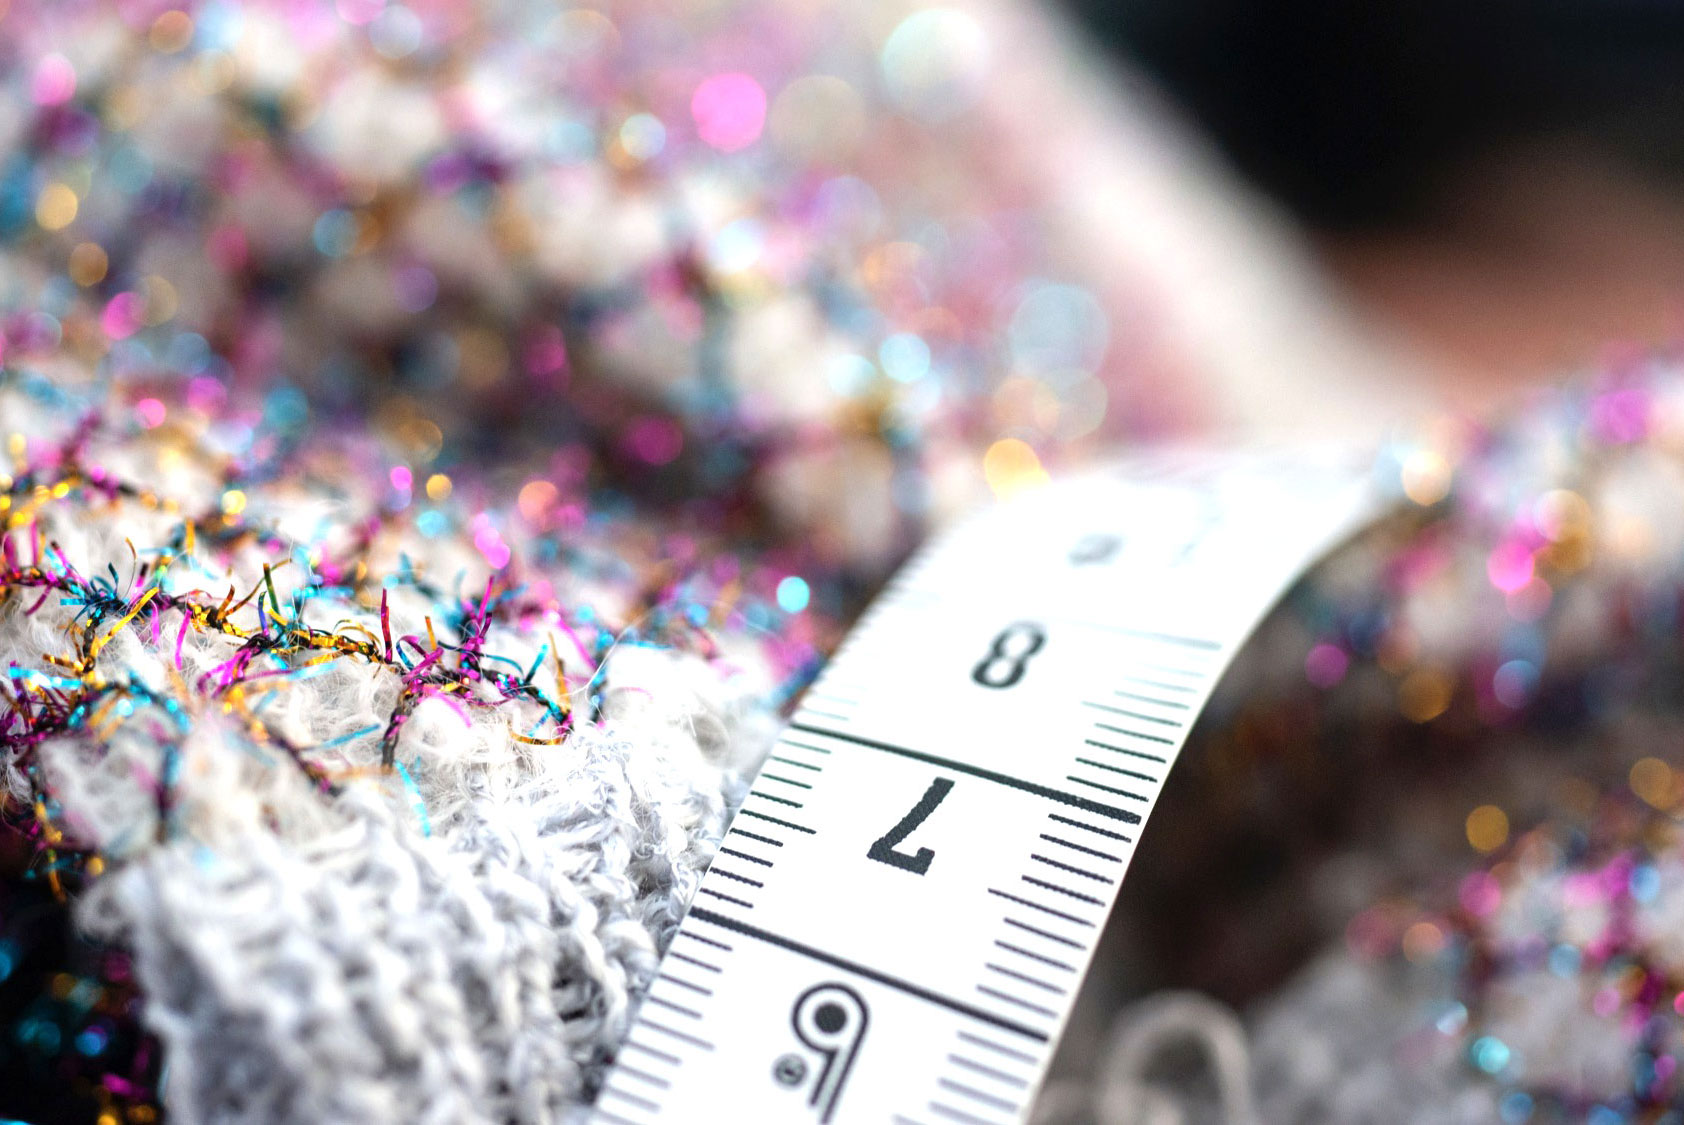 Teodori maglificio, cashmere, lana, moda, fashion, wool, Ancona